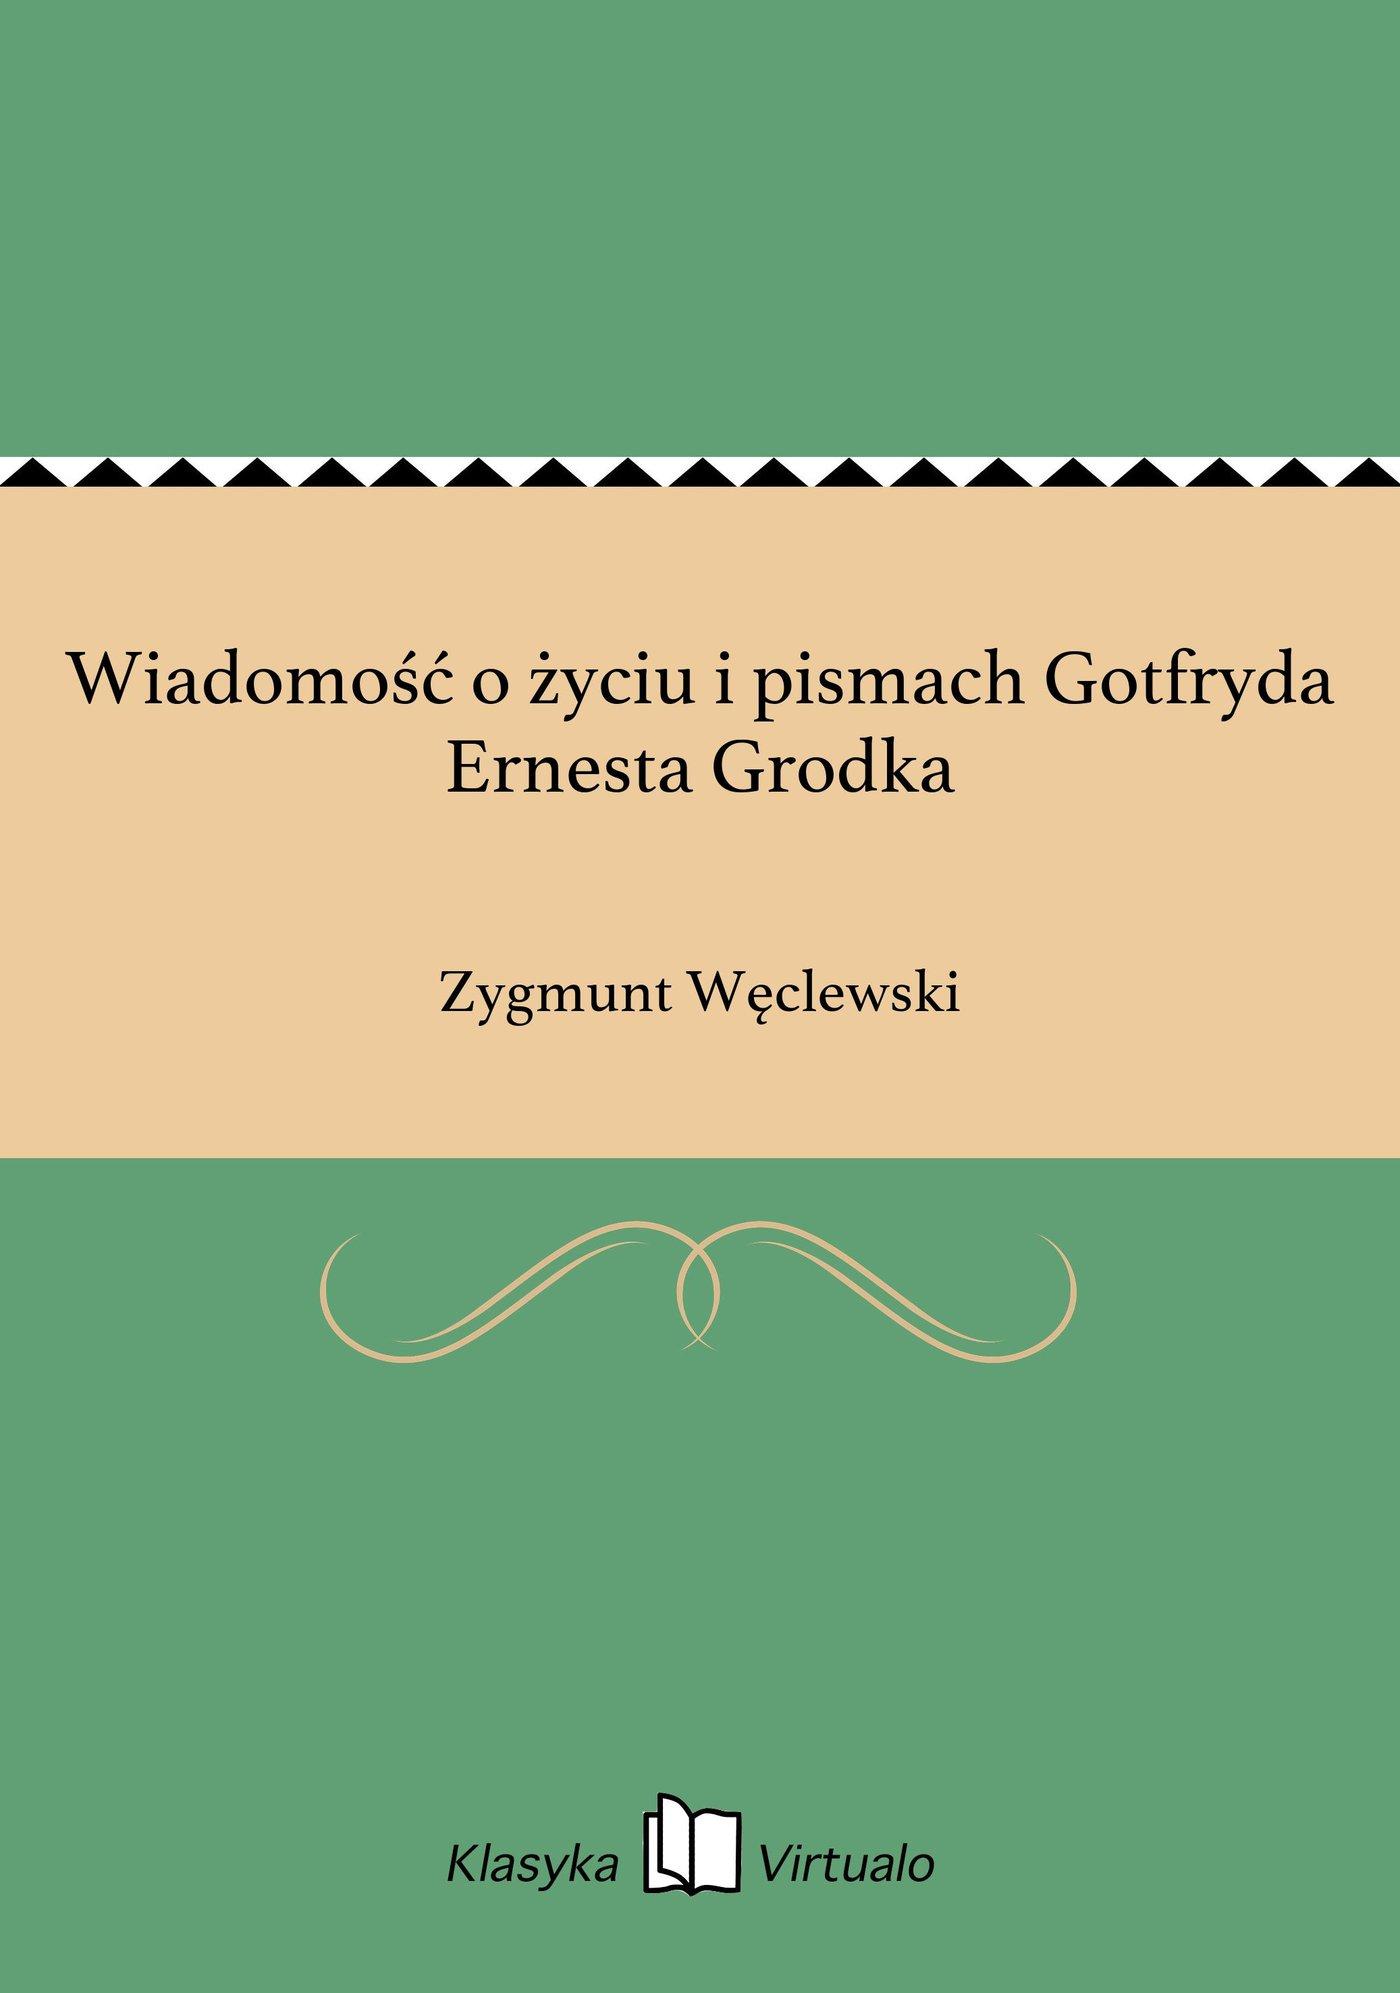 Wiadomość o życiu i pismach Gotfryda Ernesta Grodka - Ebook (Książka EPUB) do pobrania w formacie EPUB